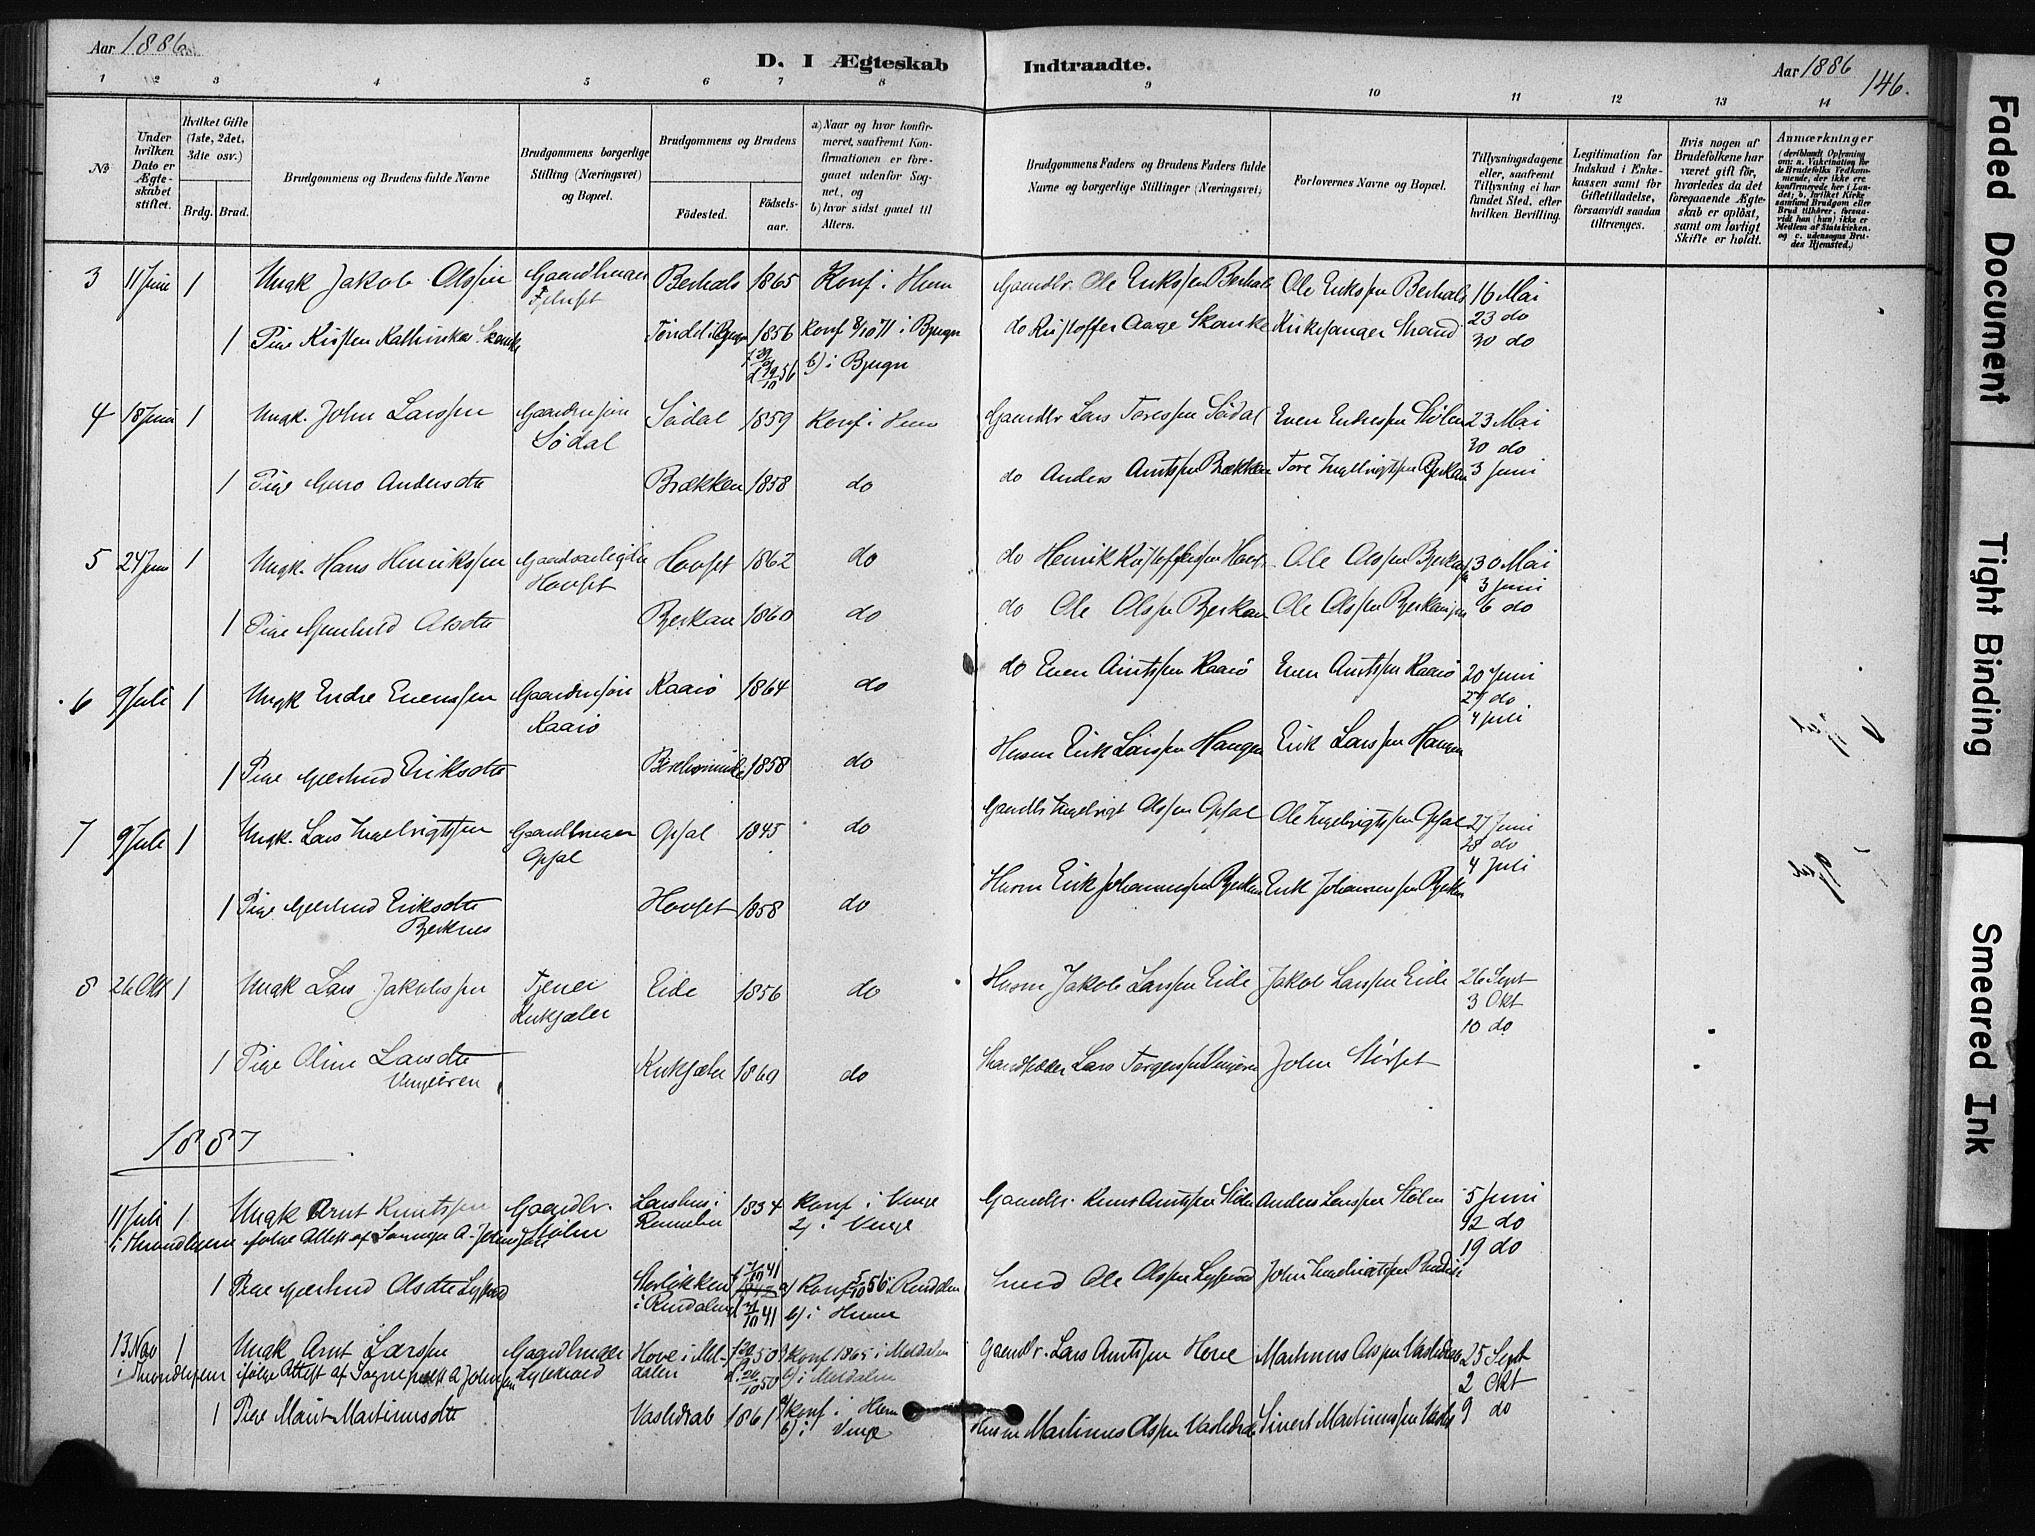 SAT, Ministerialprotokoller, klokkerbøker og fødselsregistre - Sør-Trøndelag, 631/L0512: Ministerialbok nr. 631A01, 1879-1912, s. 146